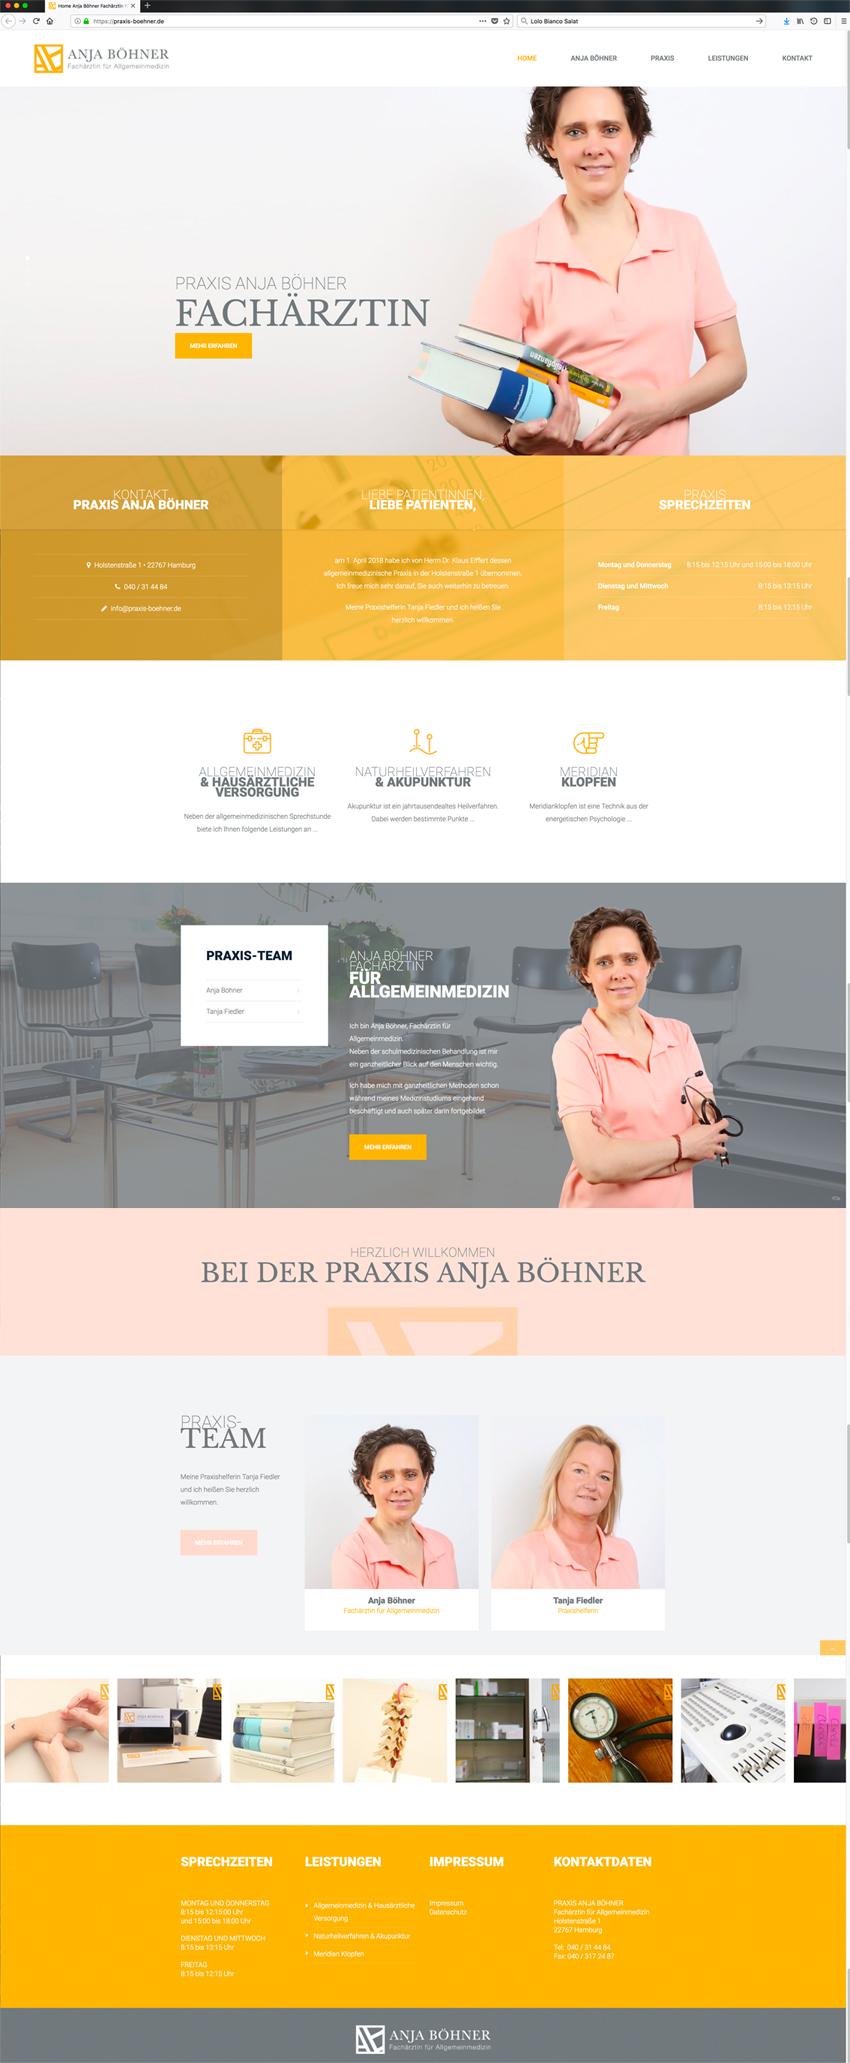 Homepage-Erstellung, Praxis Anja Böhner, Kähler & Kähler